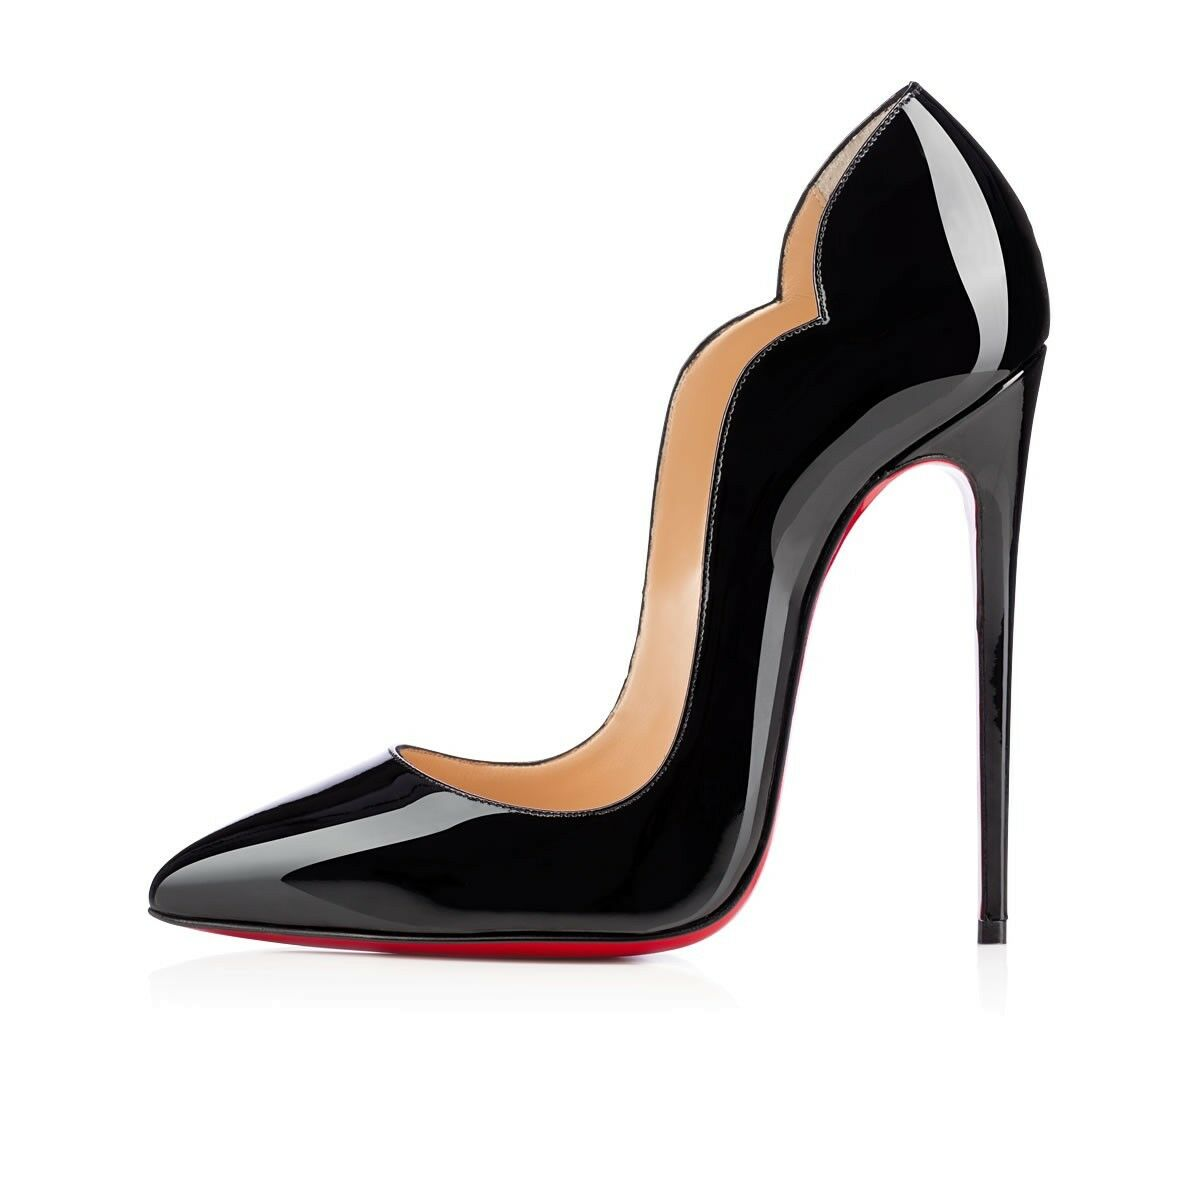 Klassisch Sexy Sexy Sexy sehr High Heel Pumps Nachtclub Damen Schuhe Stiletto Vogue 2c5c7e